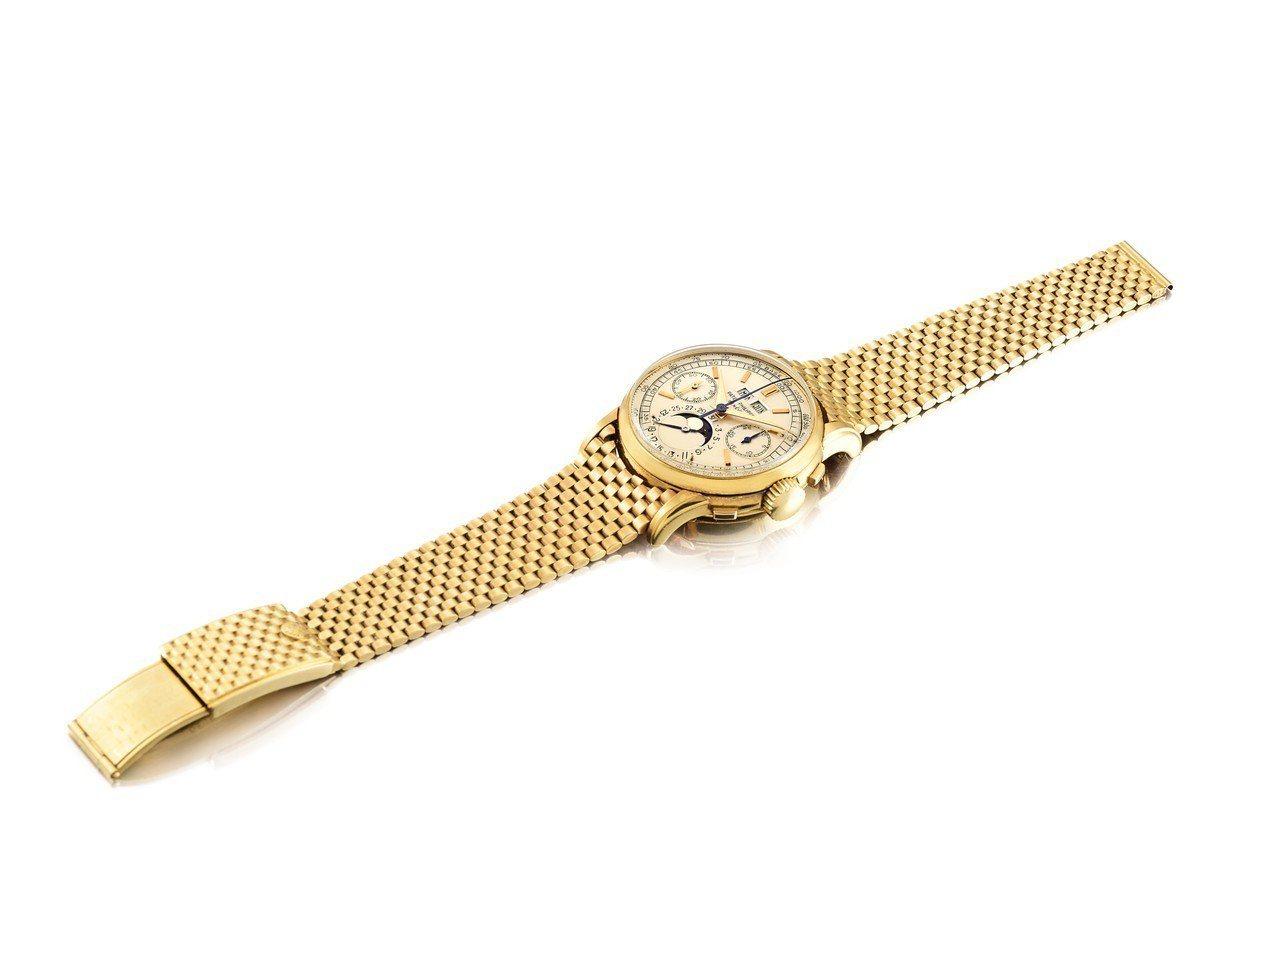 名表拍品中的領拍之作為百達翡麗 2499 型號黃金月相萬年曆計時腕表,估價約3,...